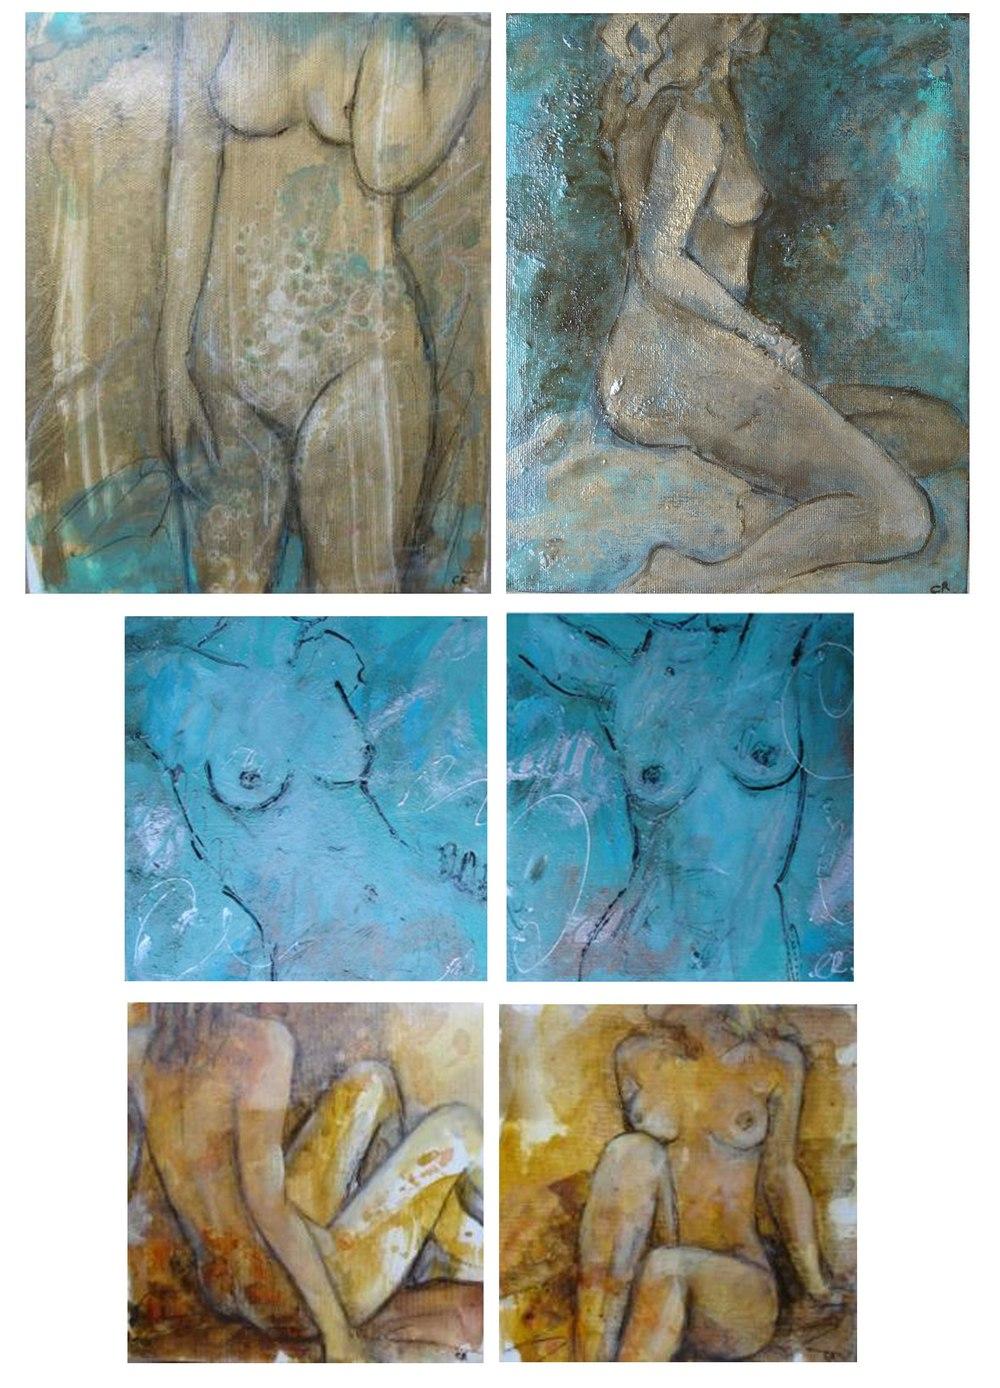 Blue Nudes 20 - 30cm